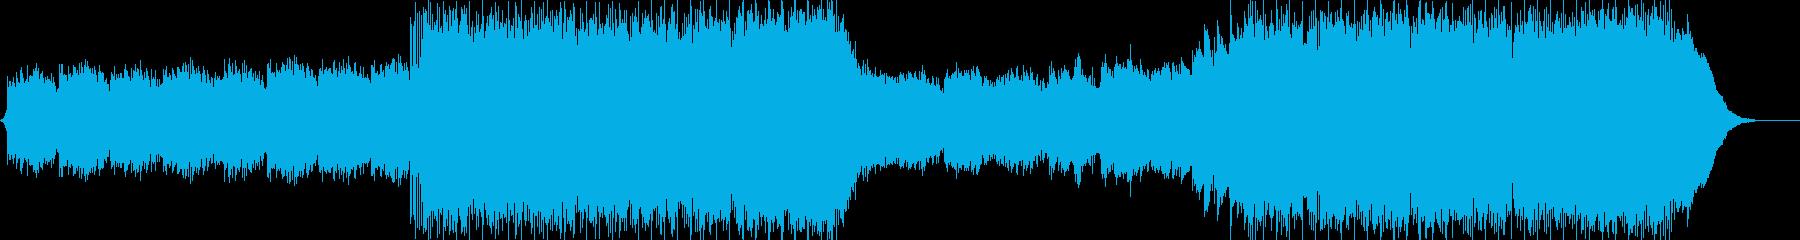 綺麗でなめらかなメロディーの再生済みの波形